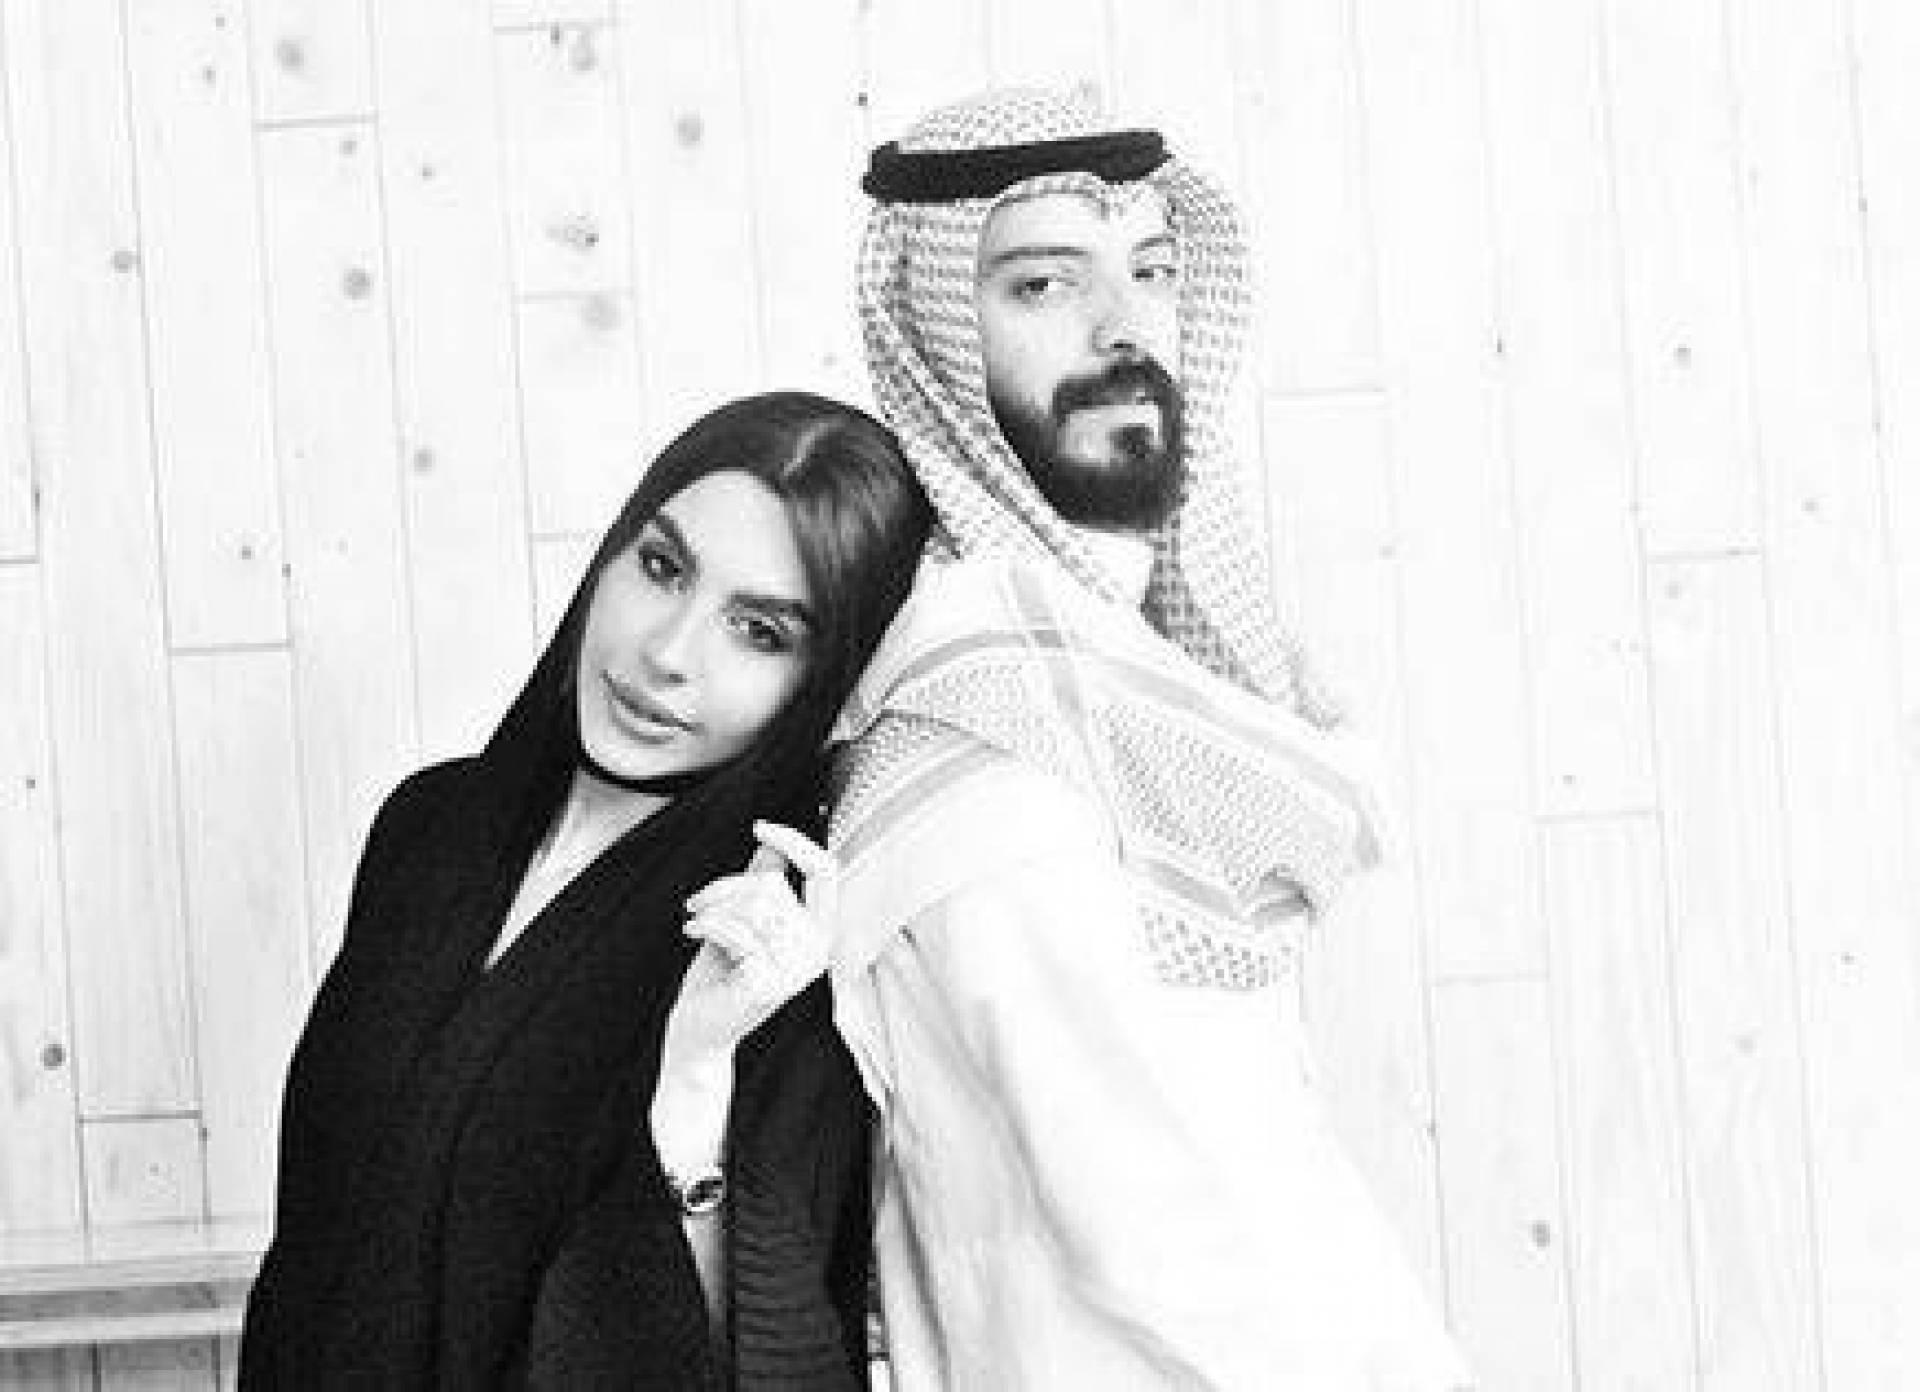 ليلى اسكندر ويعقوب الفرحان